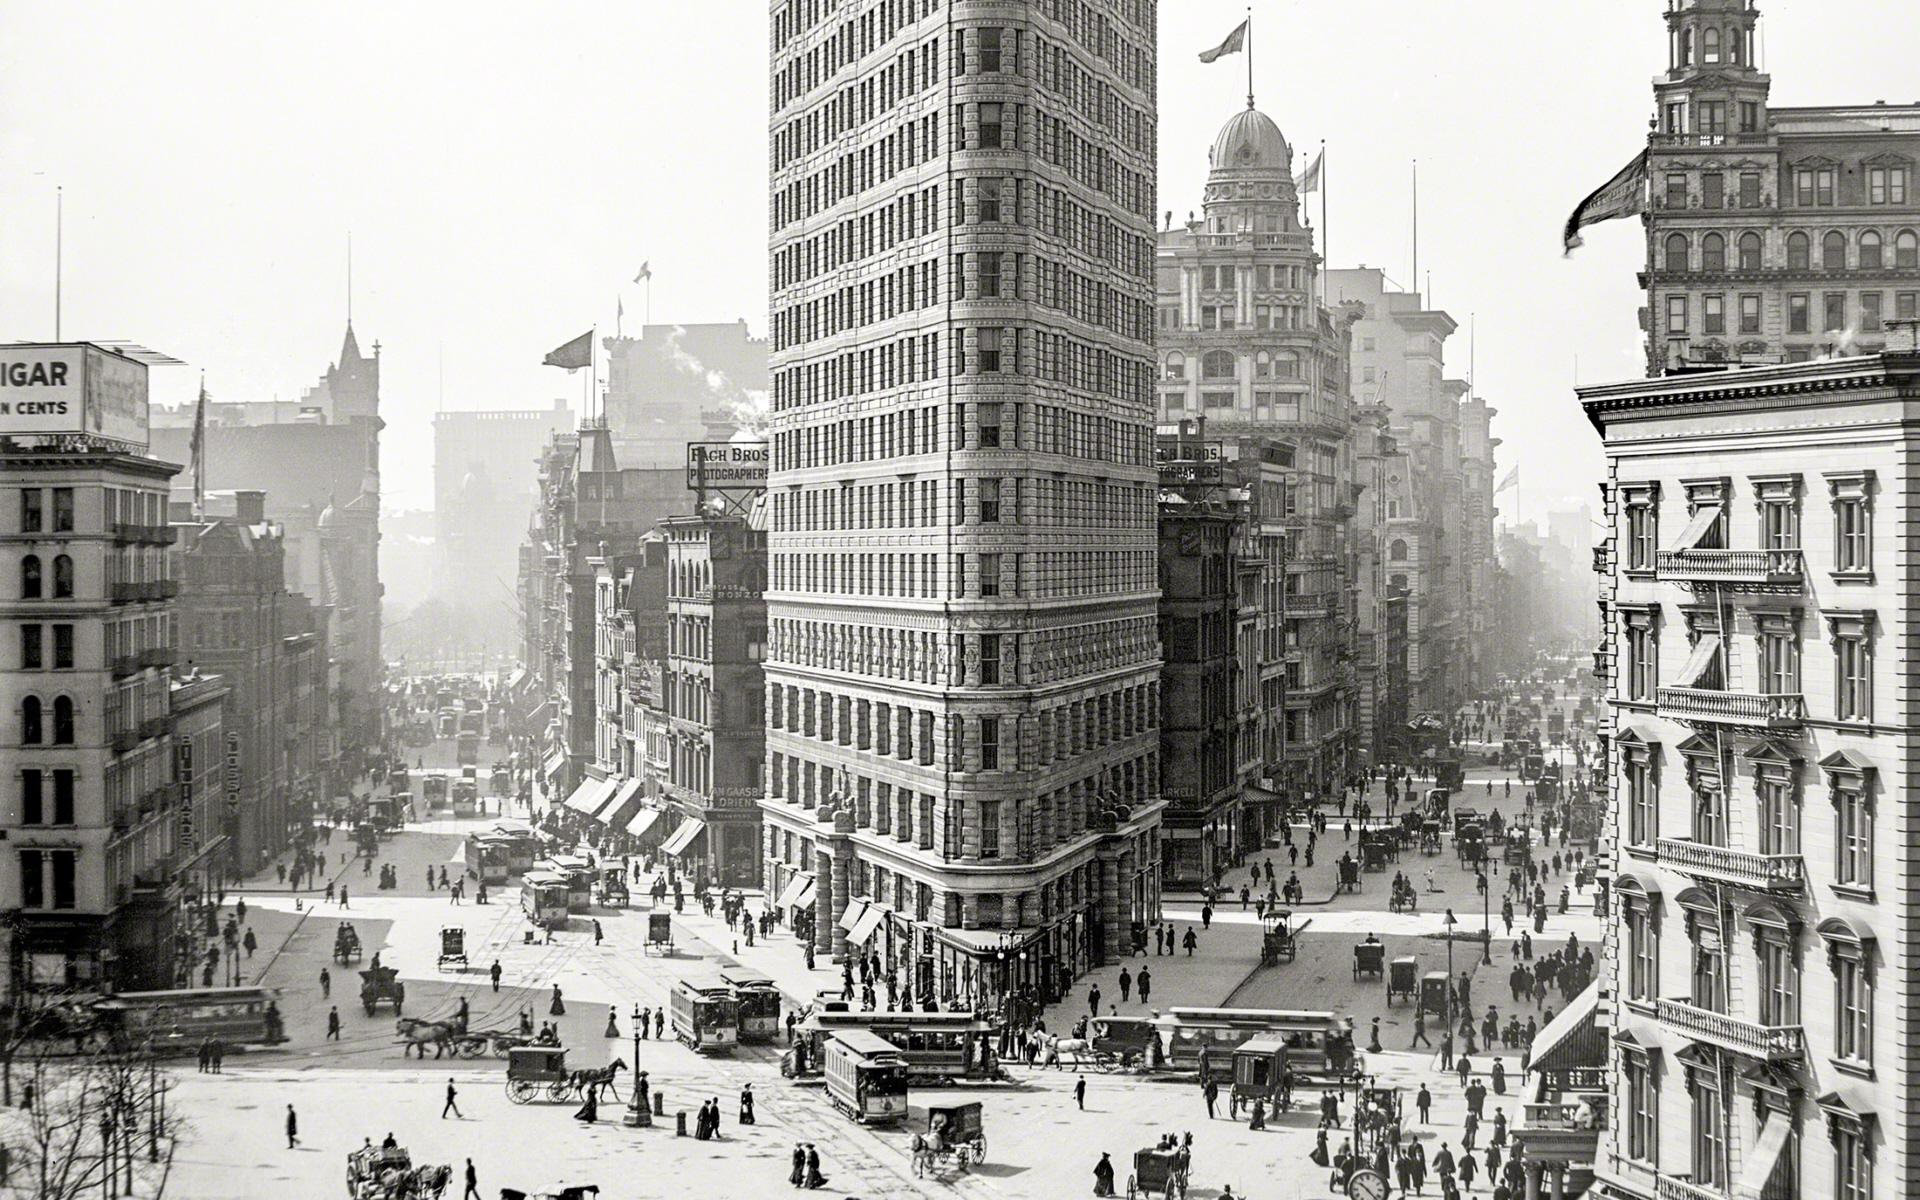 Название: 1903_New York_Flatiron Building.jpg Просмотров: 207  Размер: 1.31 Мб